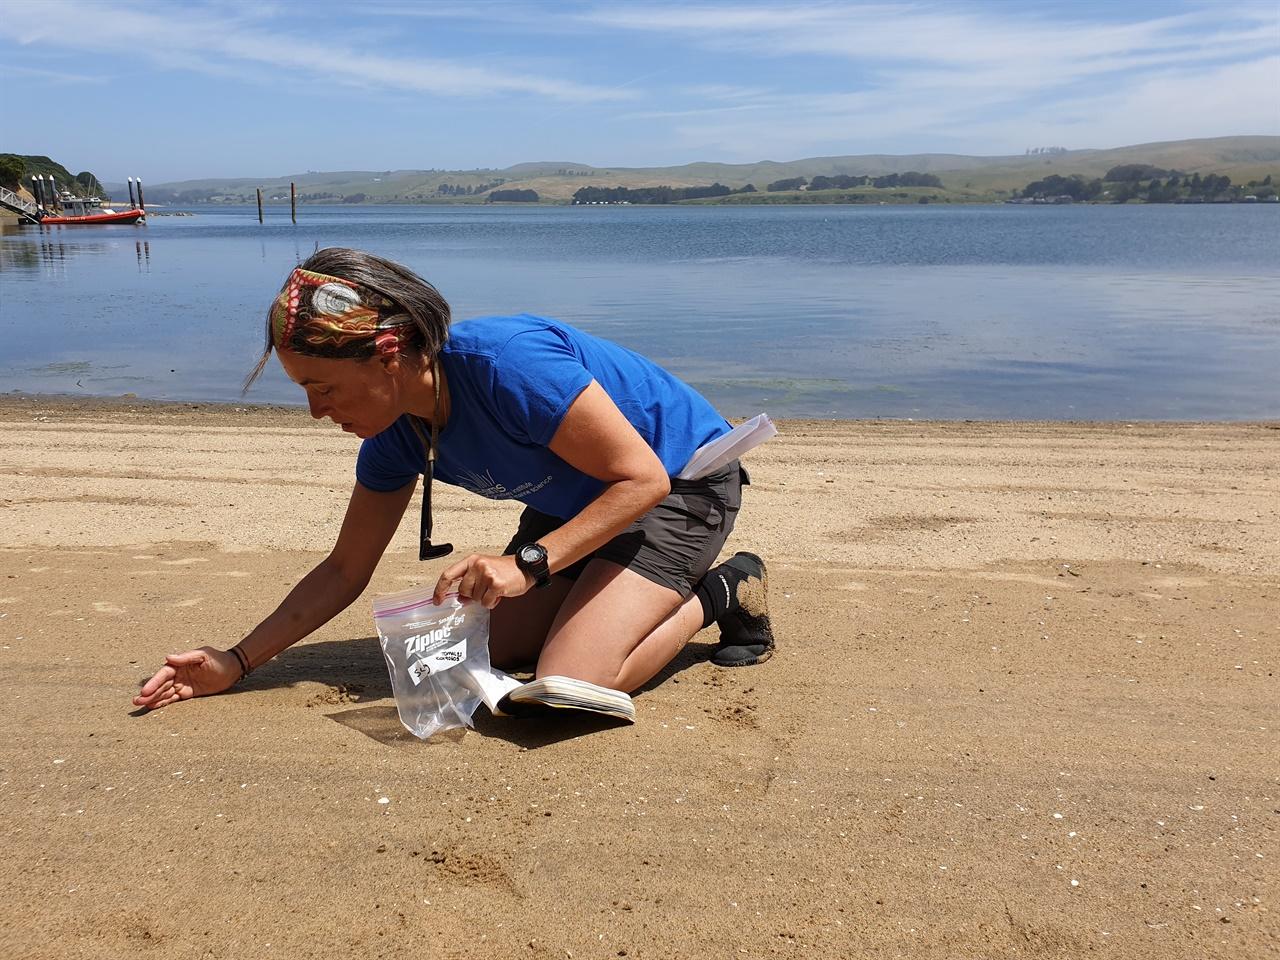 시드니 대학 빌라-콘세호 교수가 미국 캘리포니아 토말레스 해변에서 모래를 연구에 사용될 모래를 채취하고 있다.